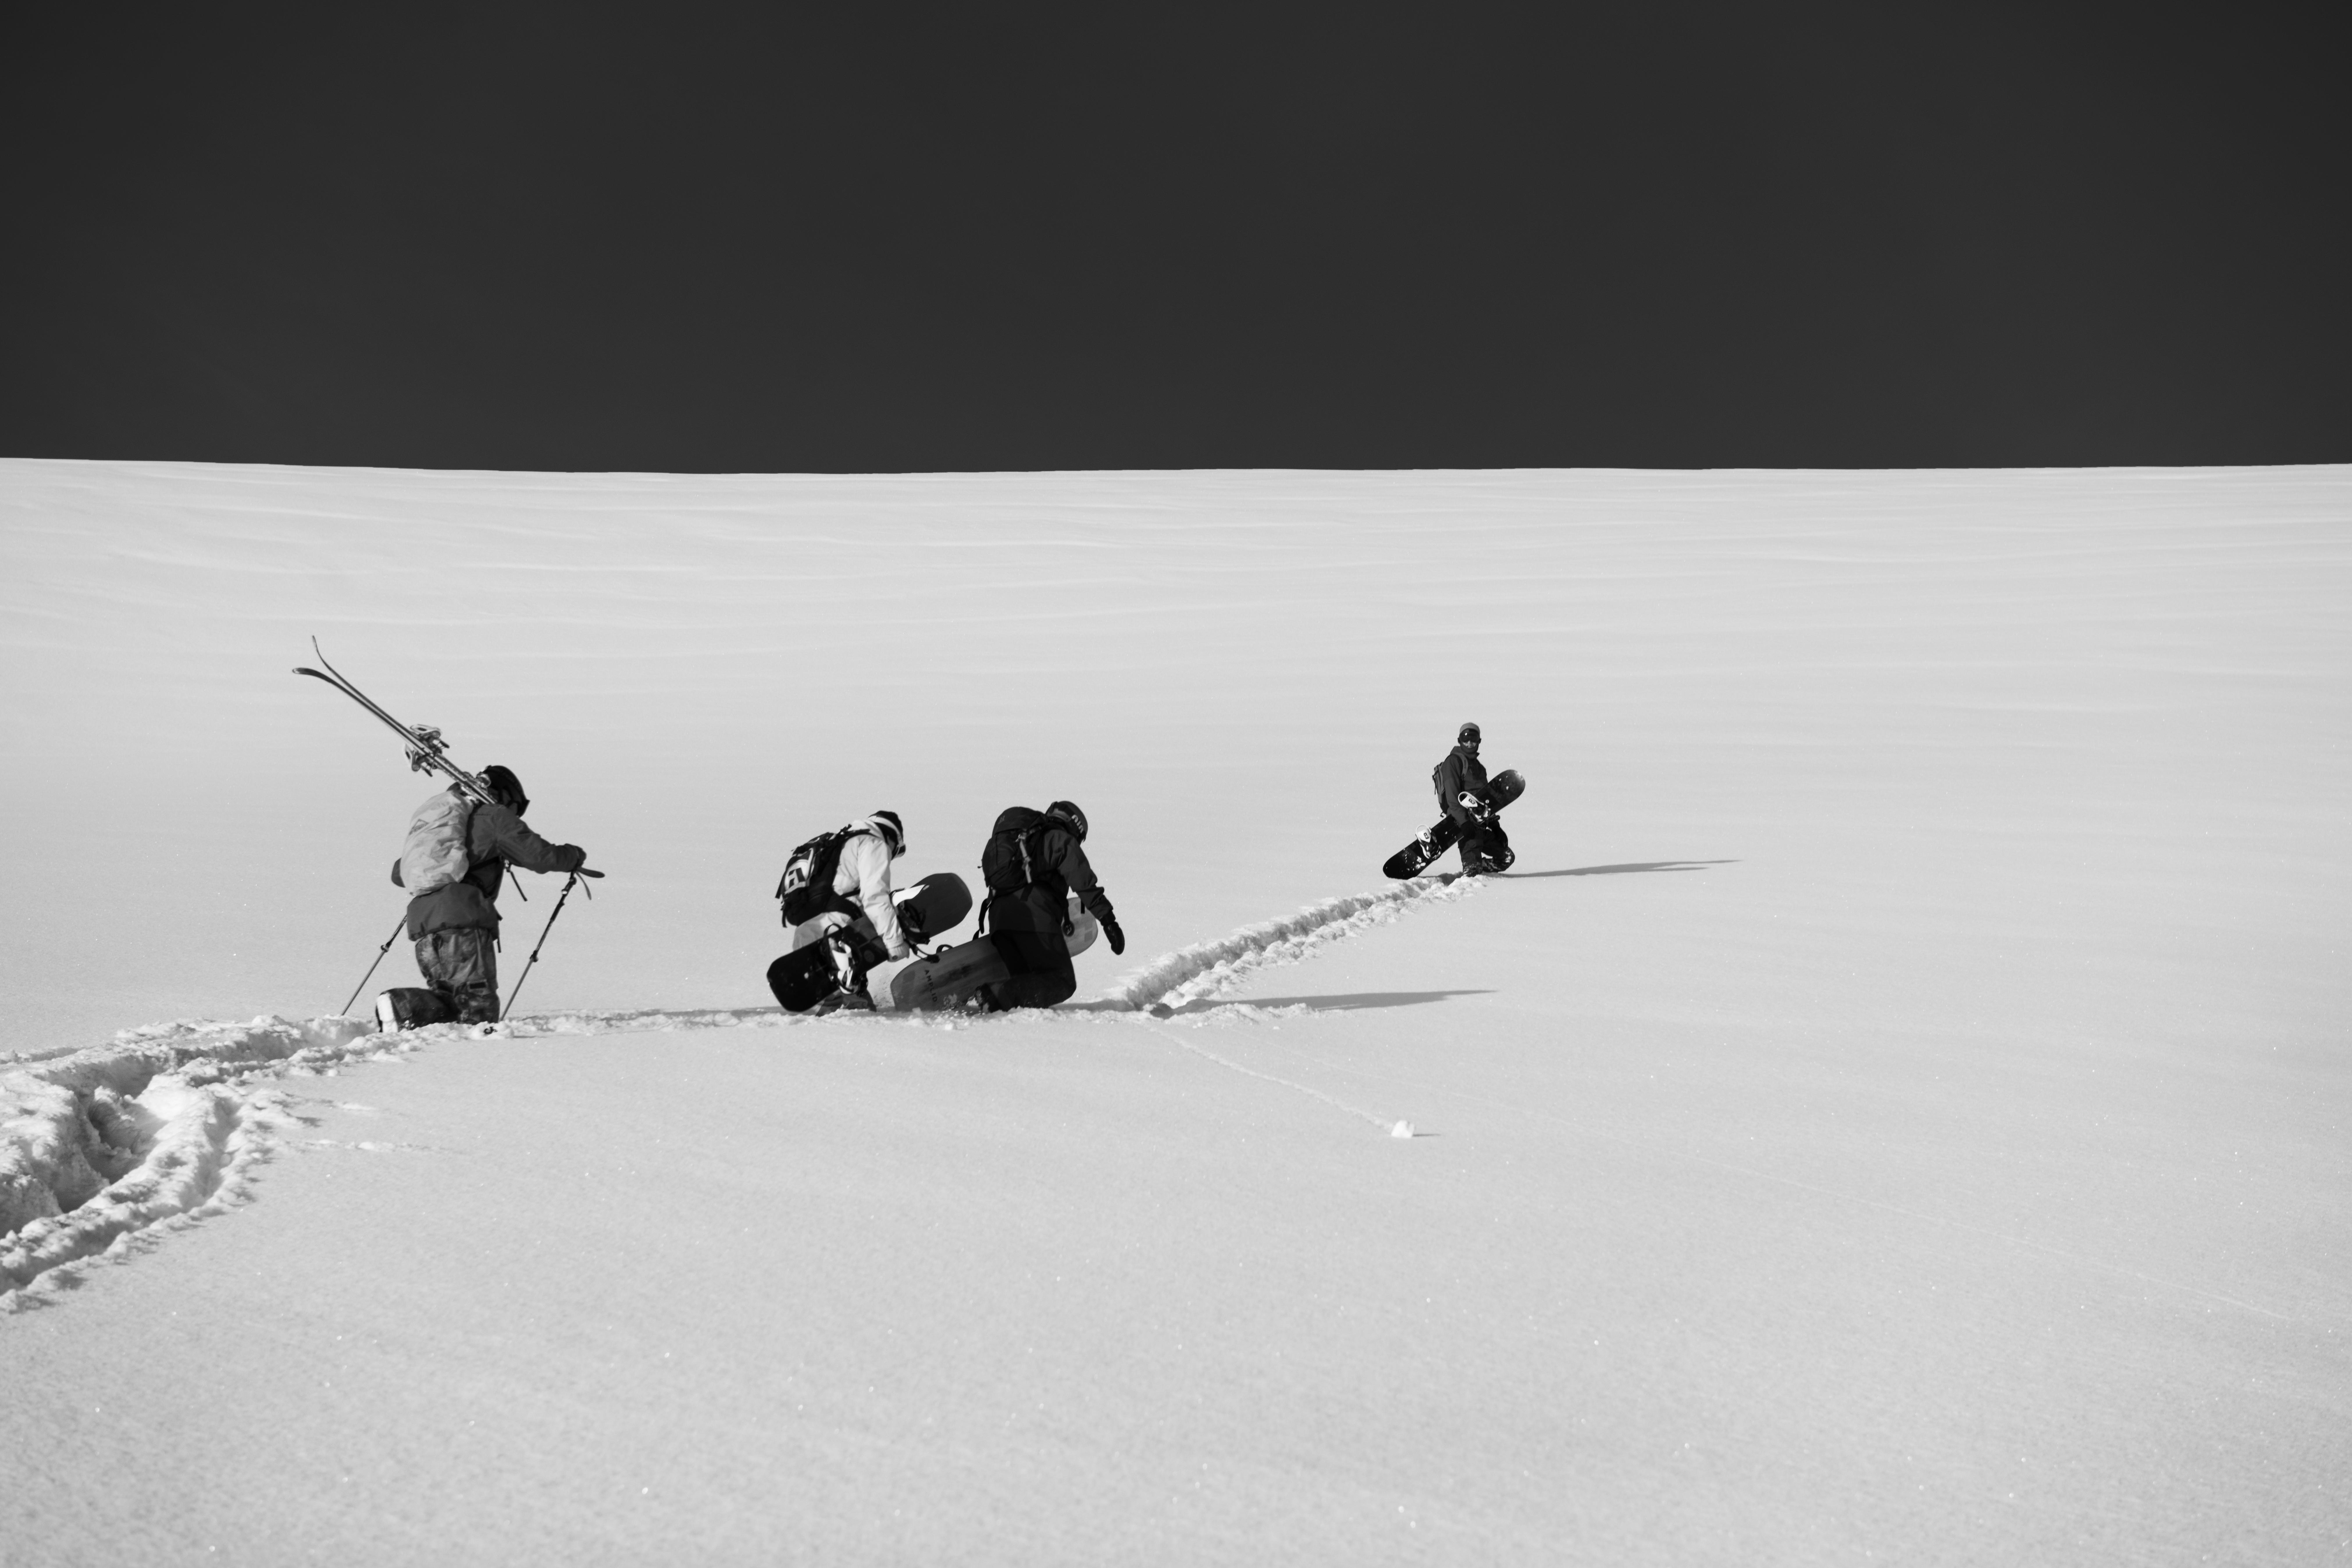 Strandafjellet skisenter